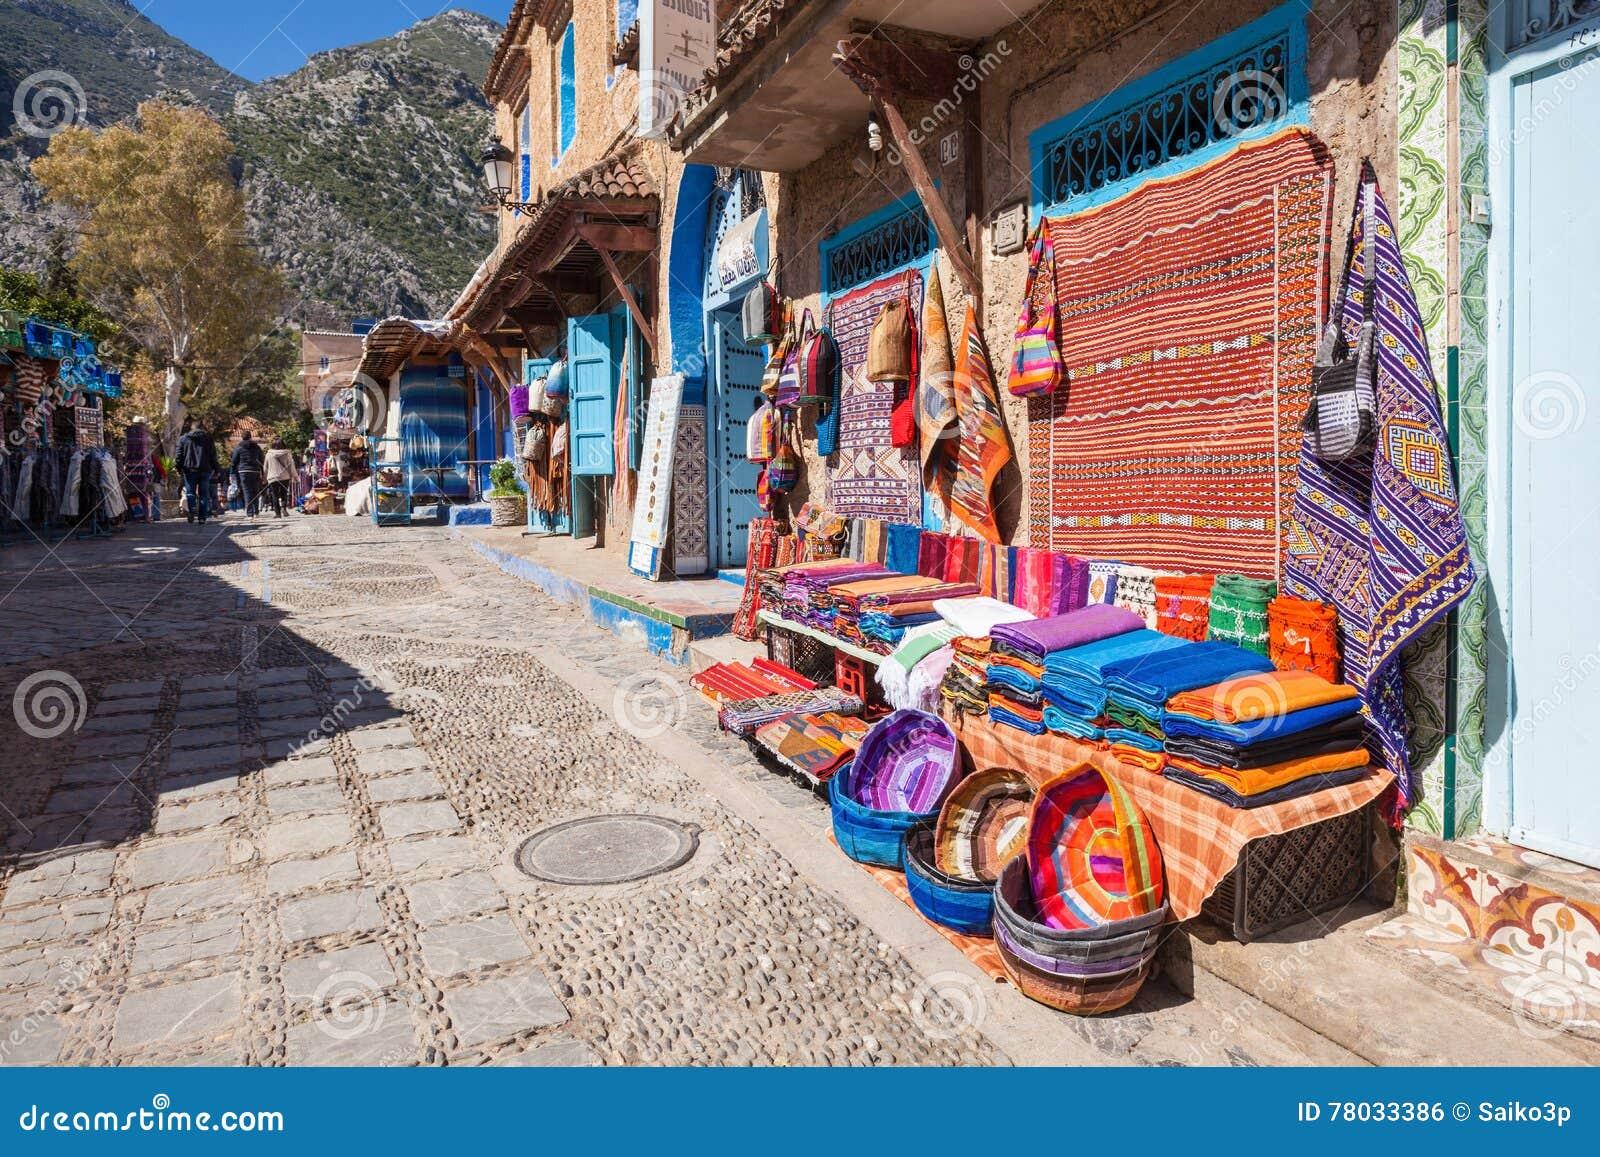 Παραδοσιακό μαροκινό κλωστοϋφαντουργικό προϊόν